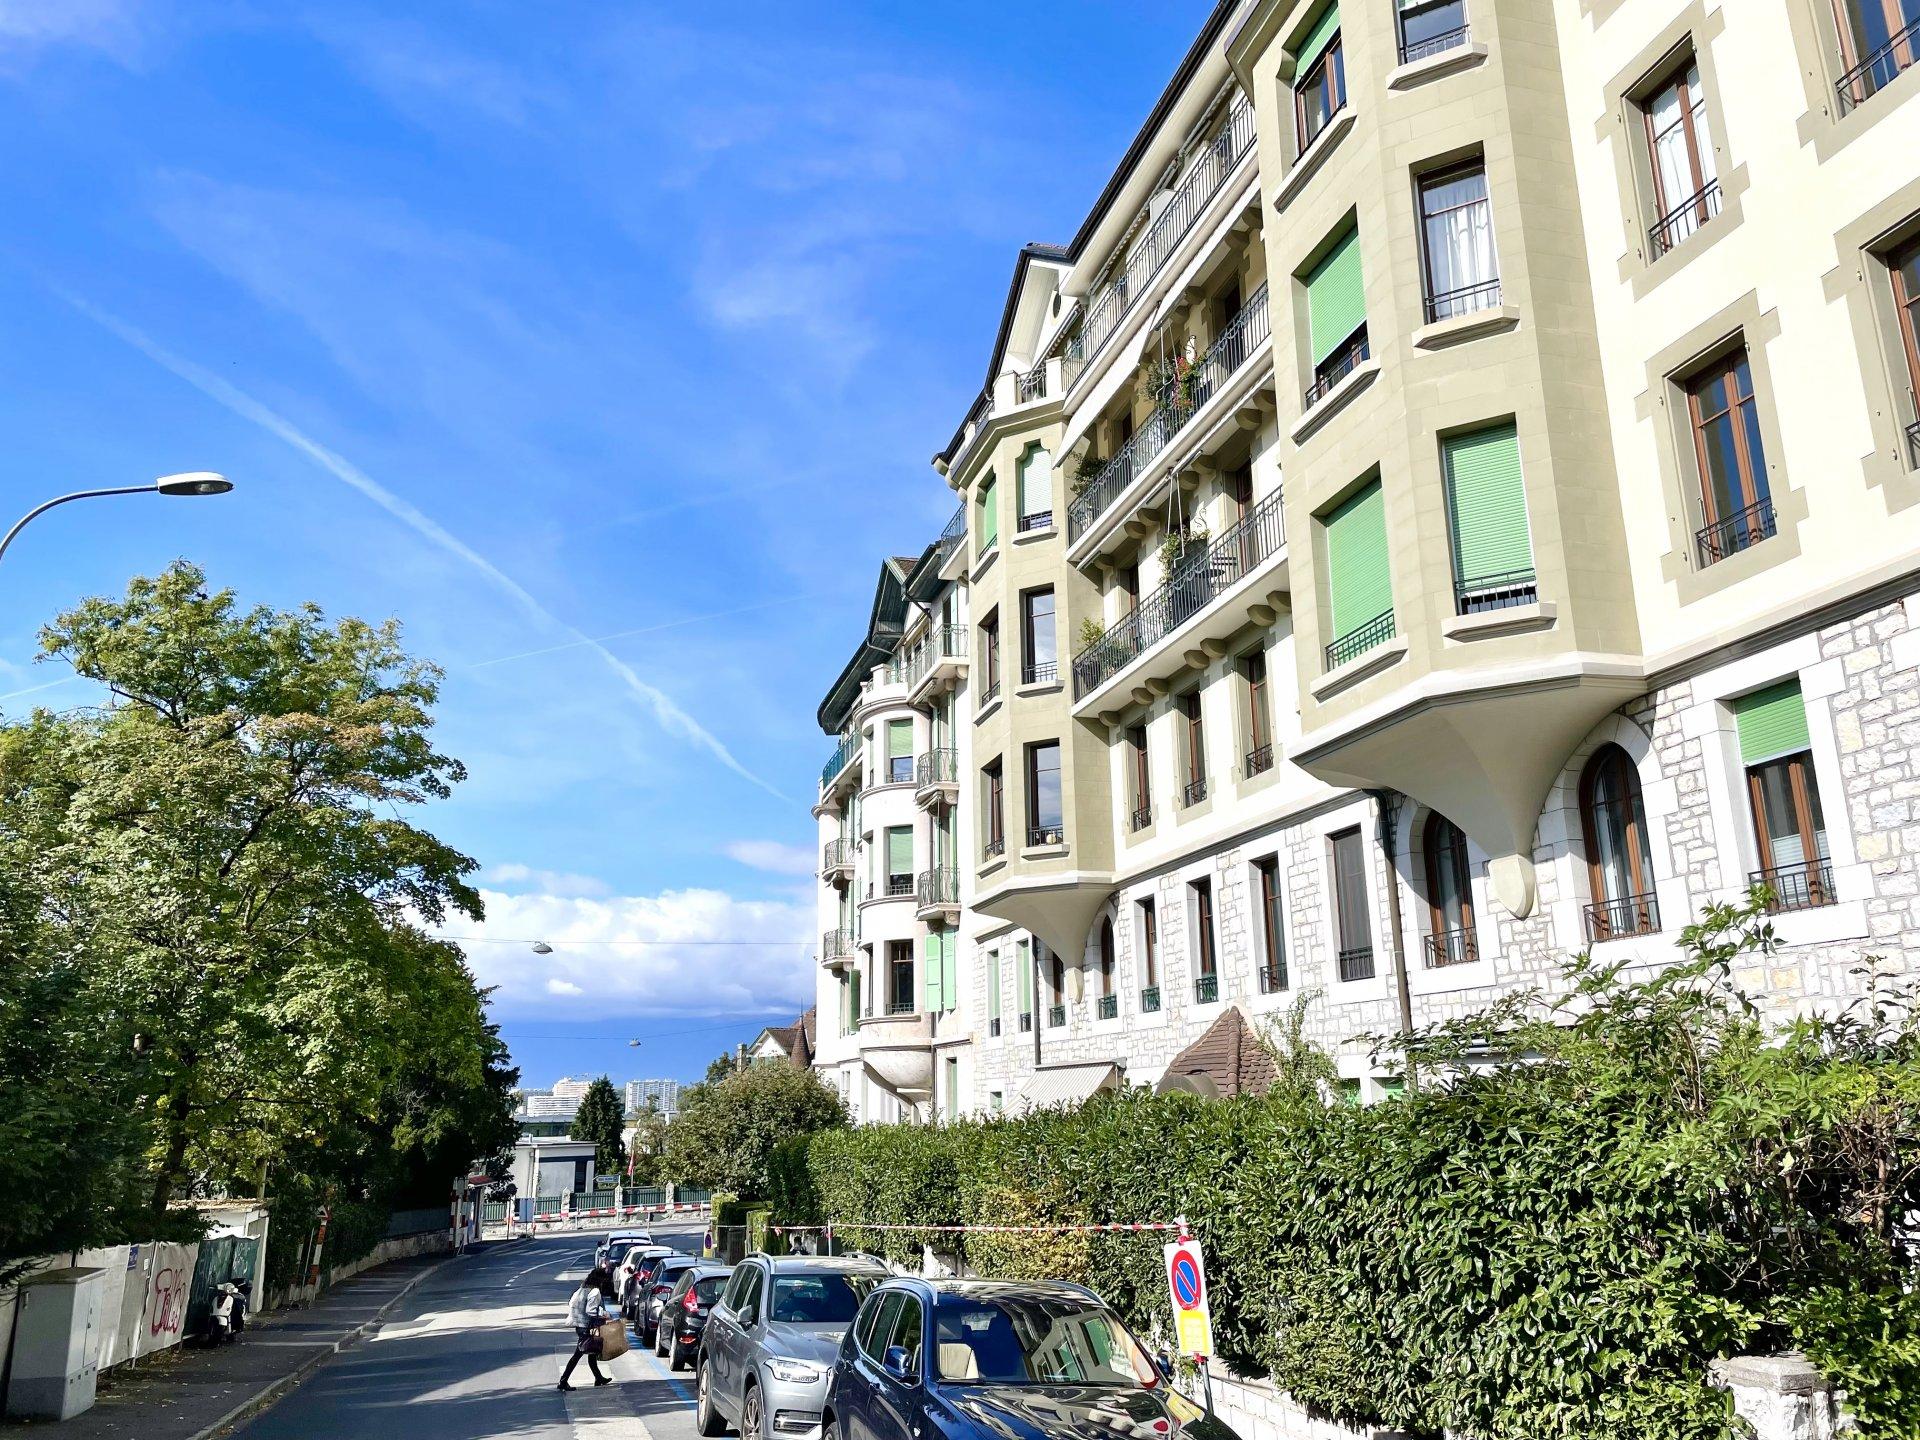 Alquiler Piso - Genève - Suiza